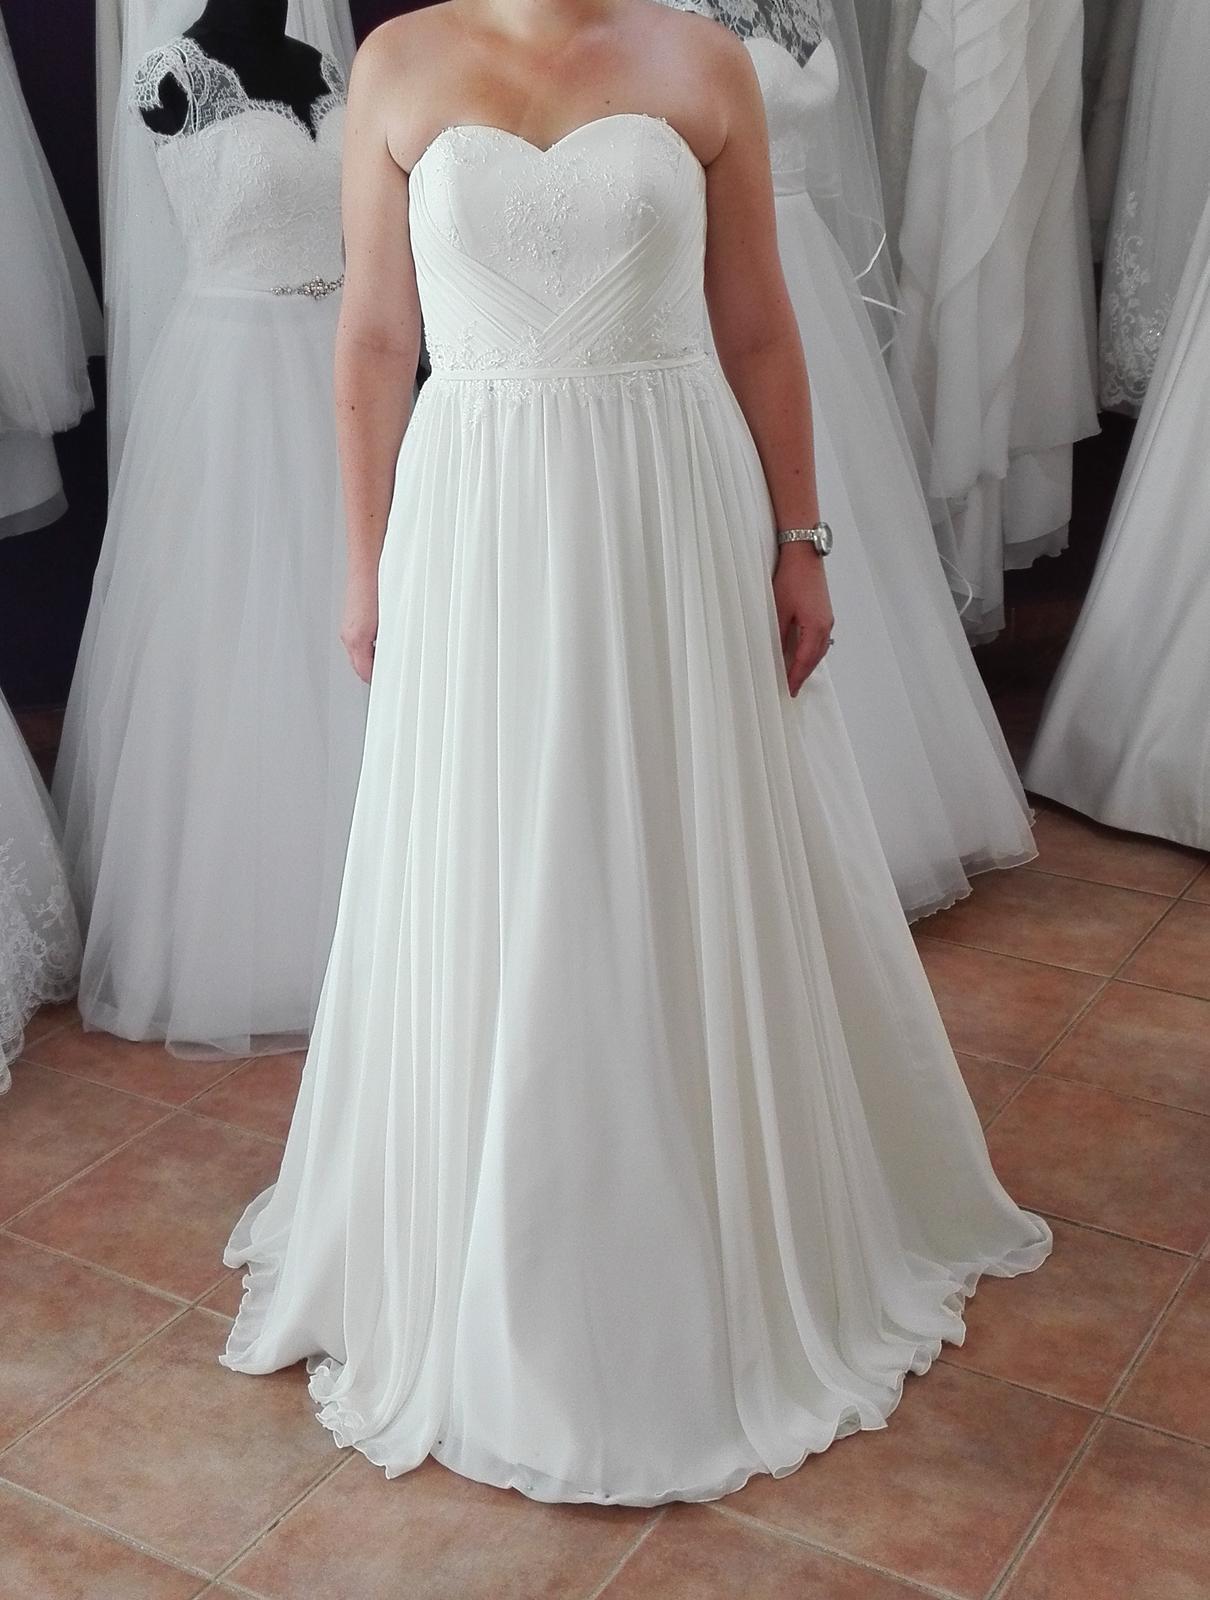 929b19e4b Jednoduché svadobné šaty, 42 - 200 € | Svadobný bazár | Mojasvadba.sk